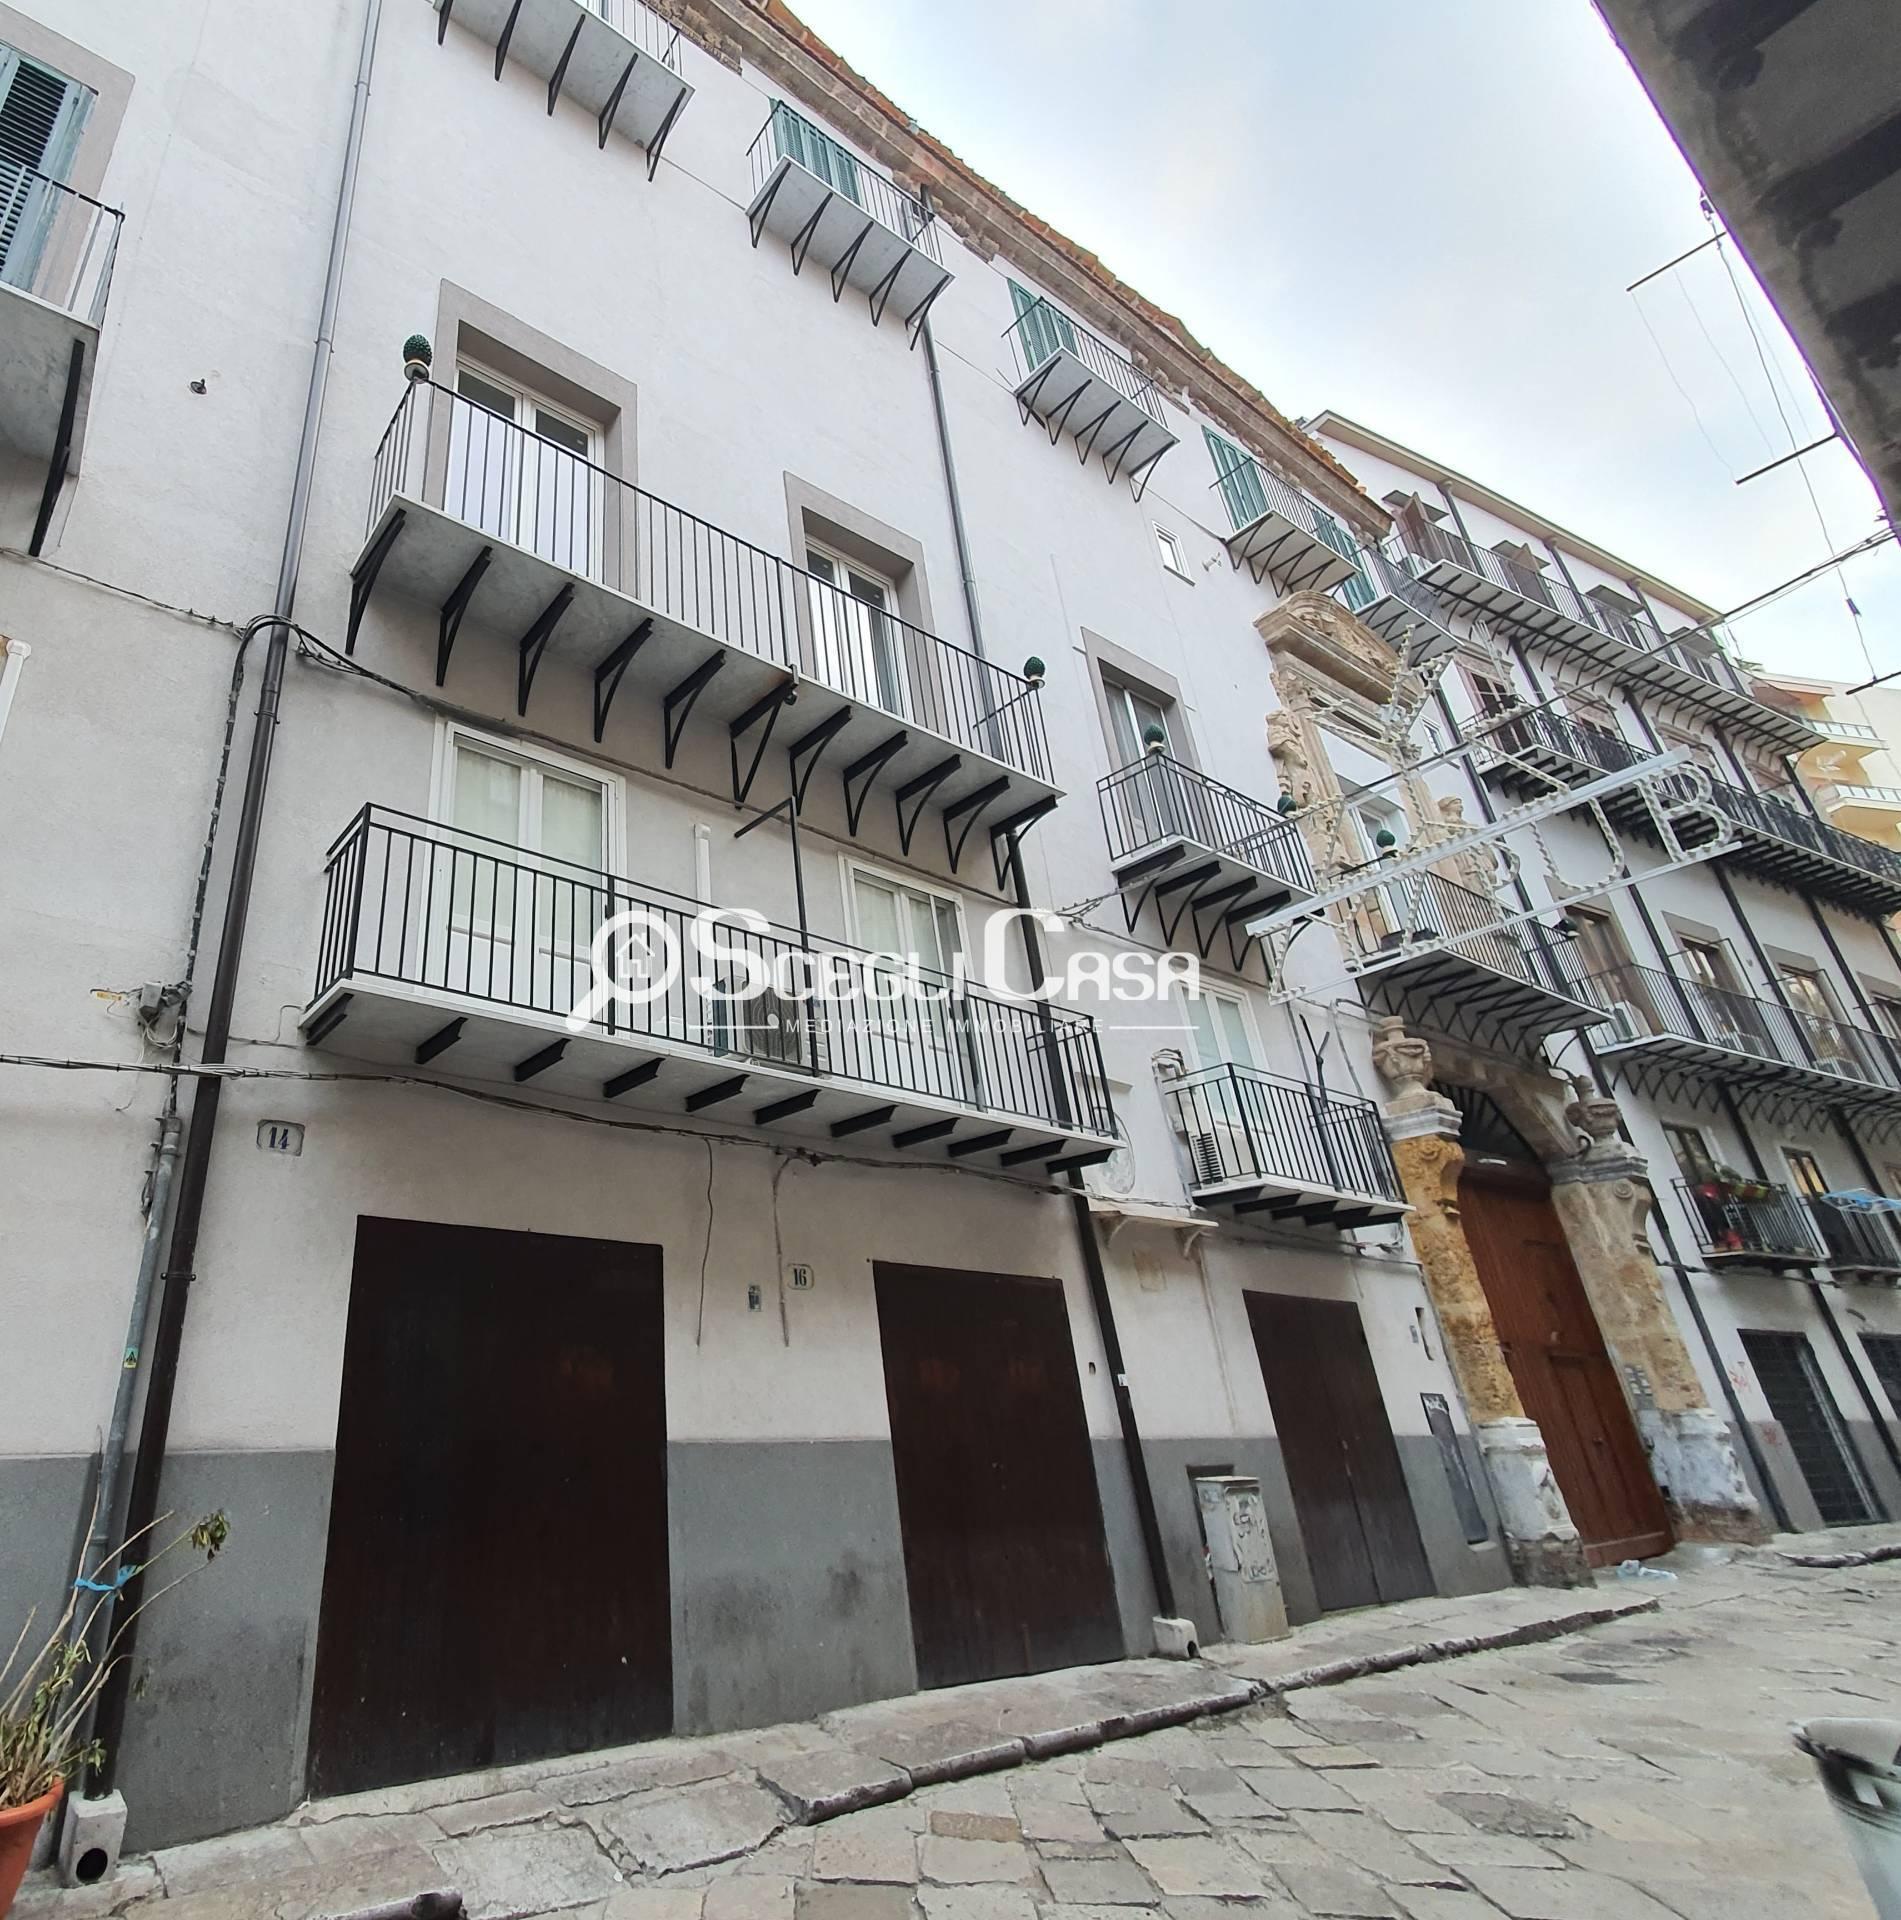 Negozio / Locale in affitto a Palermo, 9999 locali, zona Località: Centrostorico, prezzo € 500 | CambioCasa.it